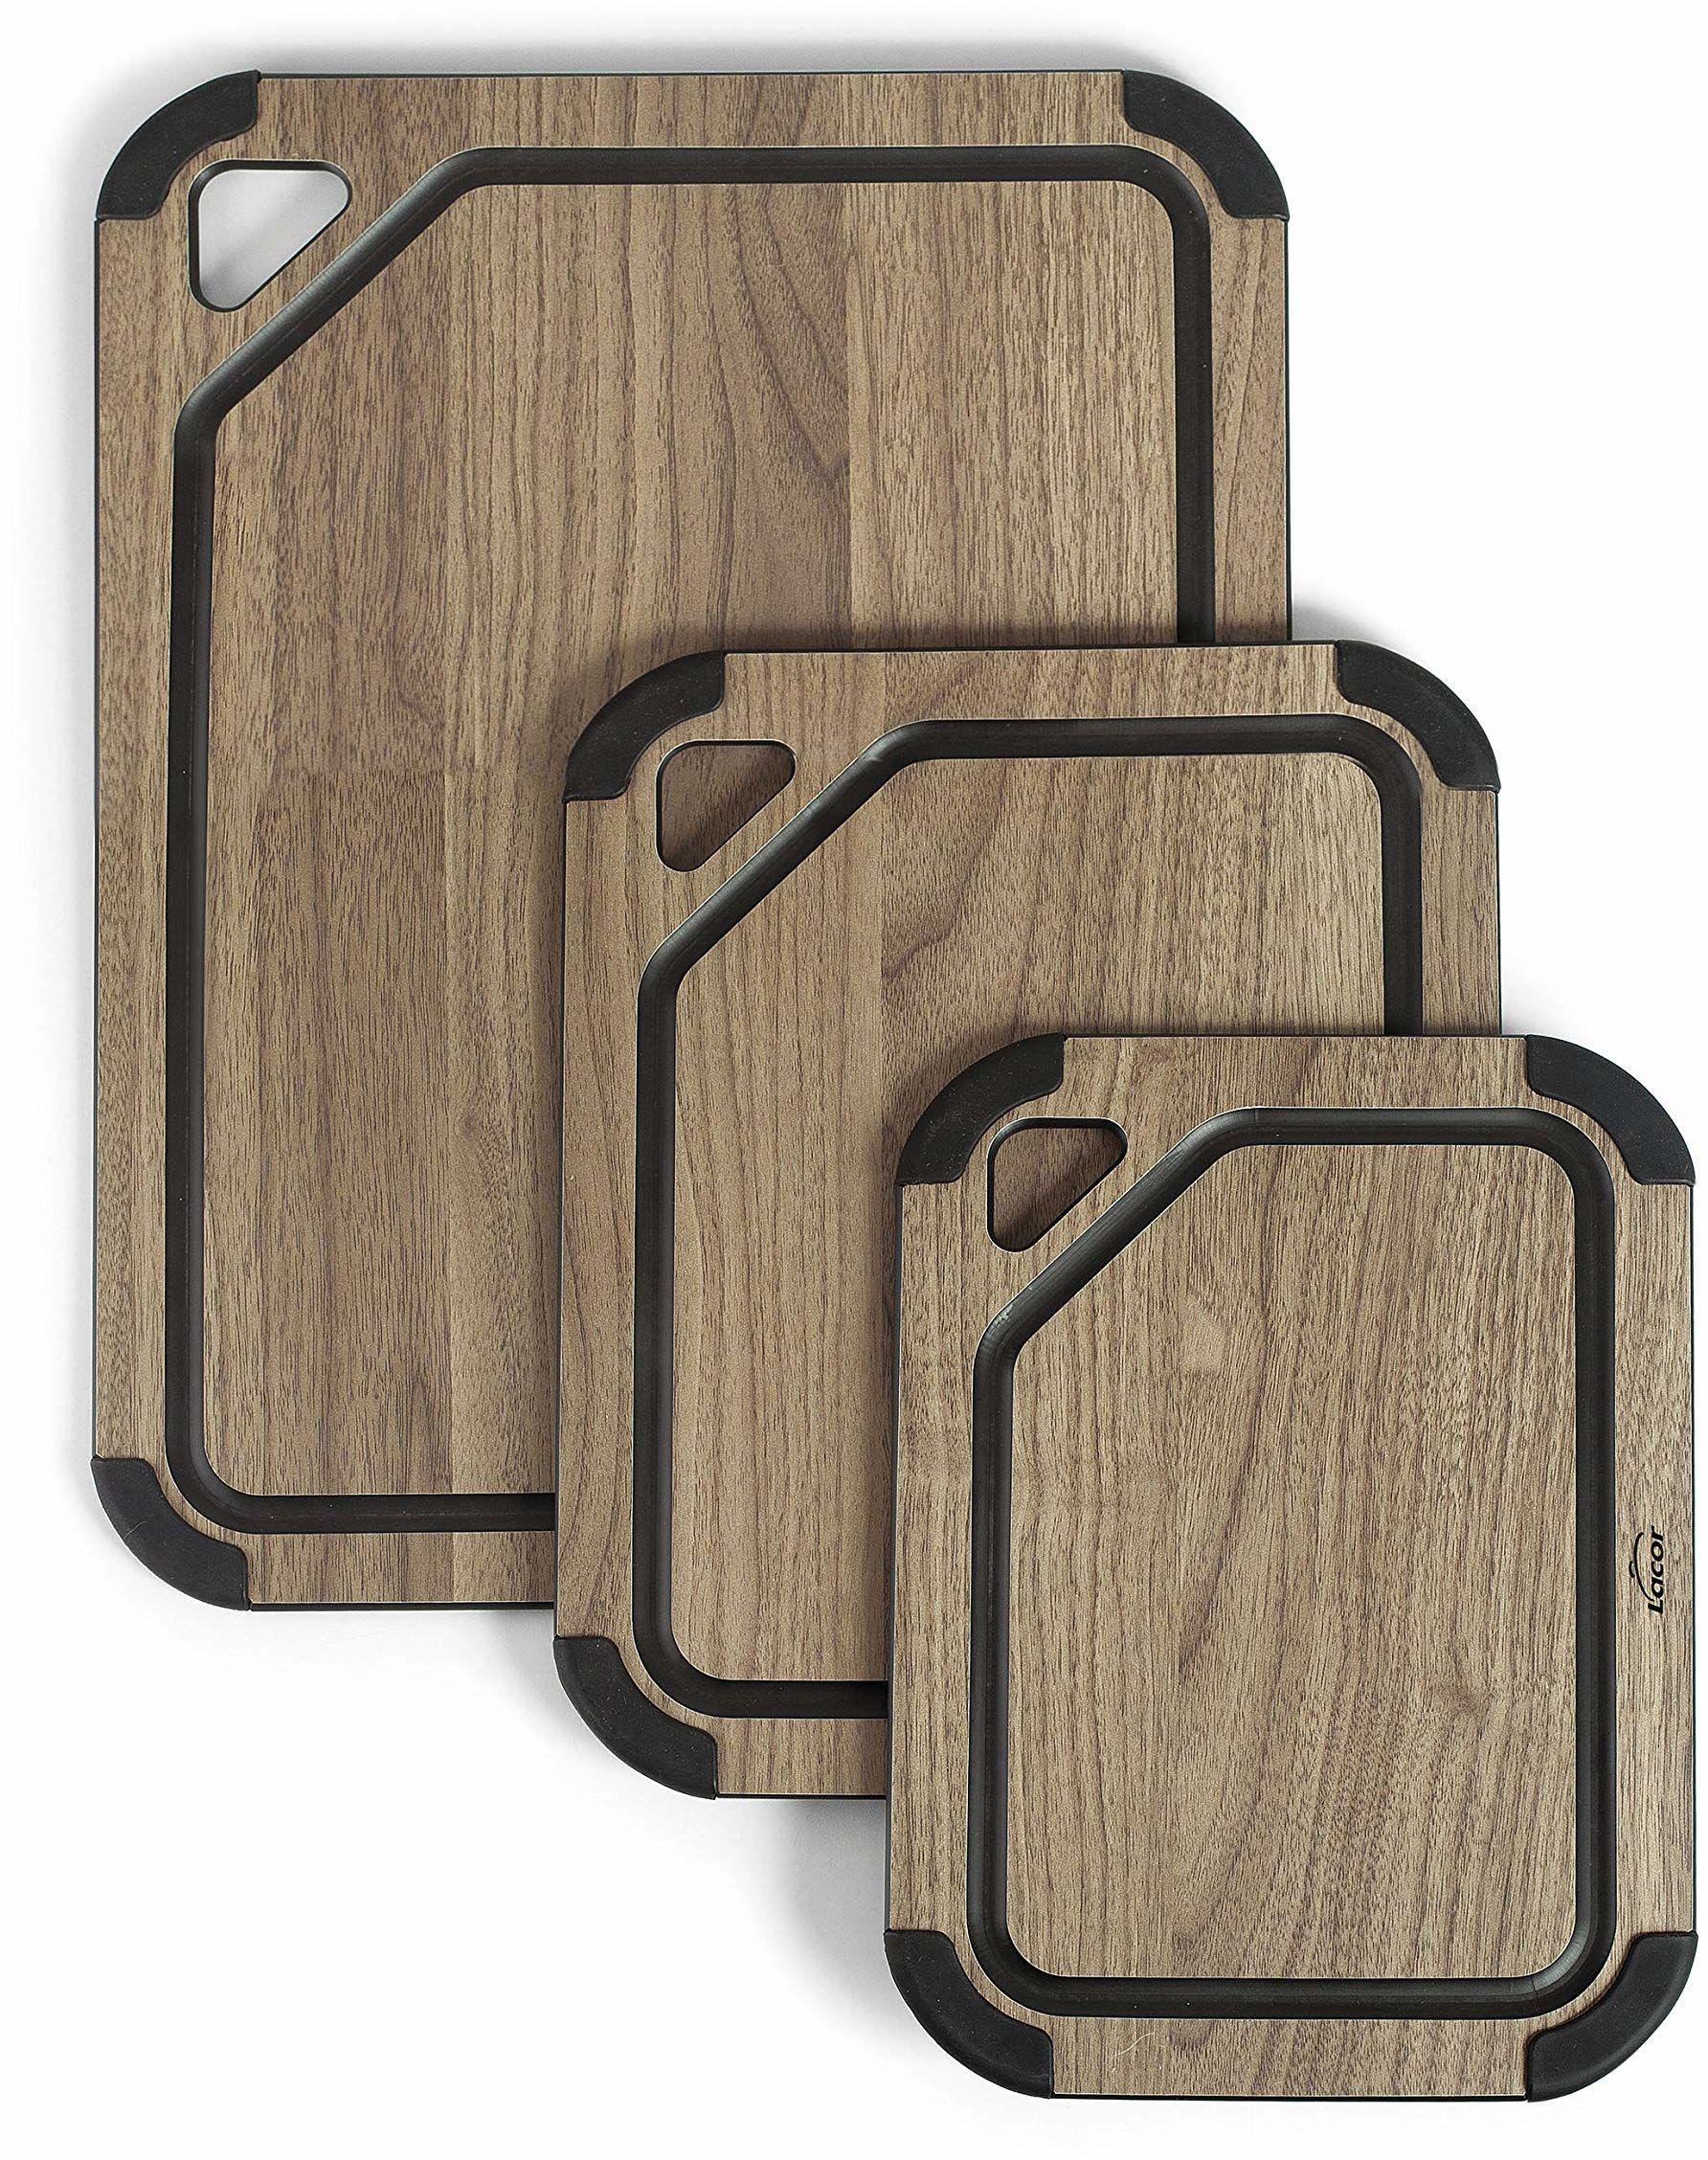 Lacor deska do krojenia, włókna drzewnego + silikon, orzech włoski, duża